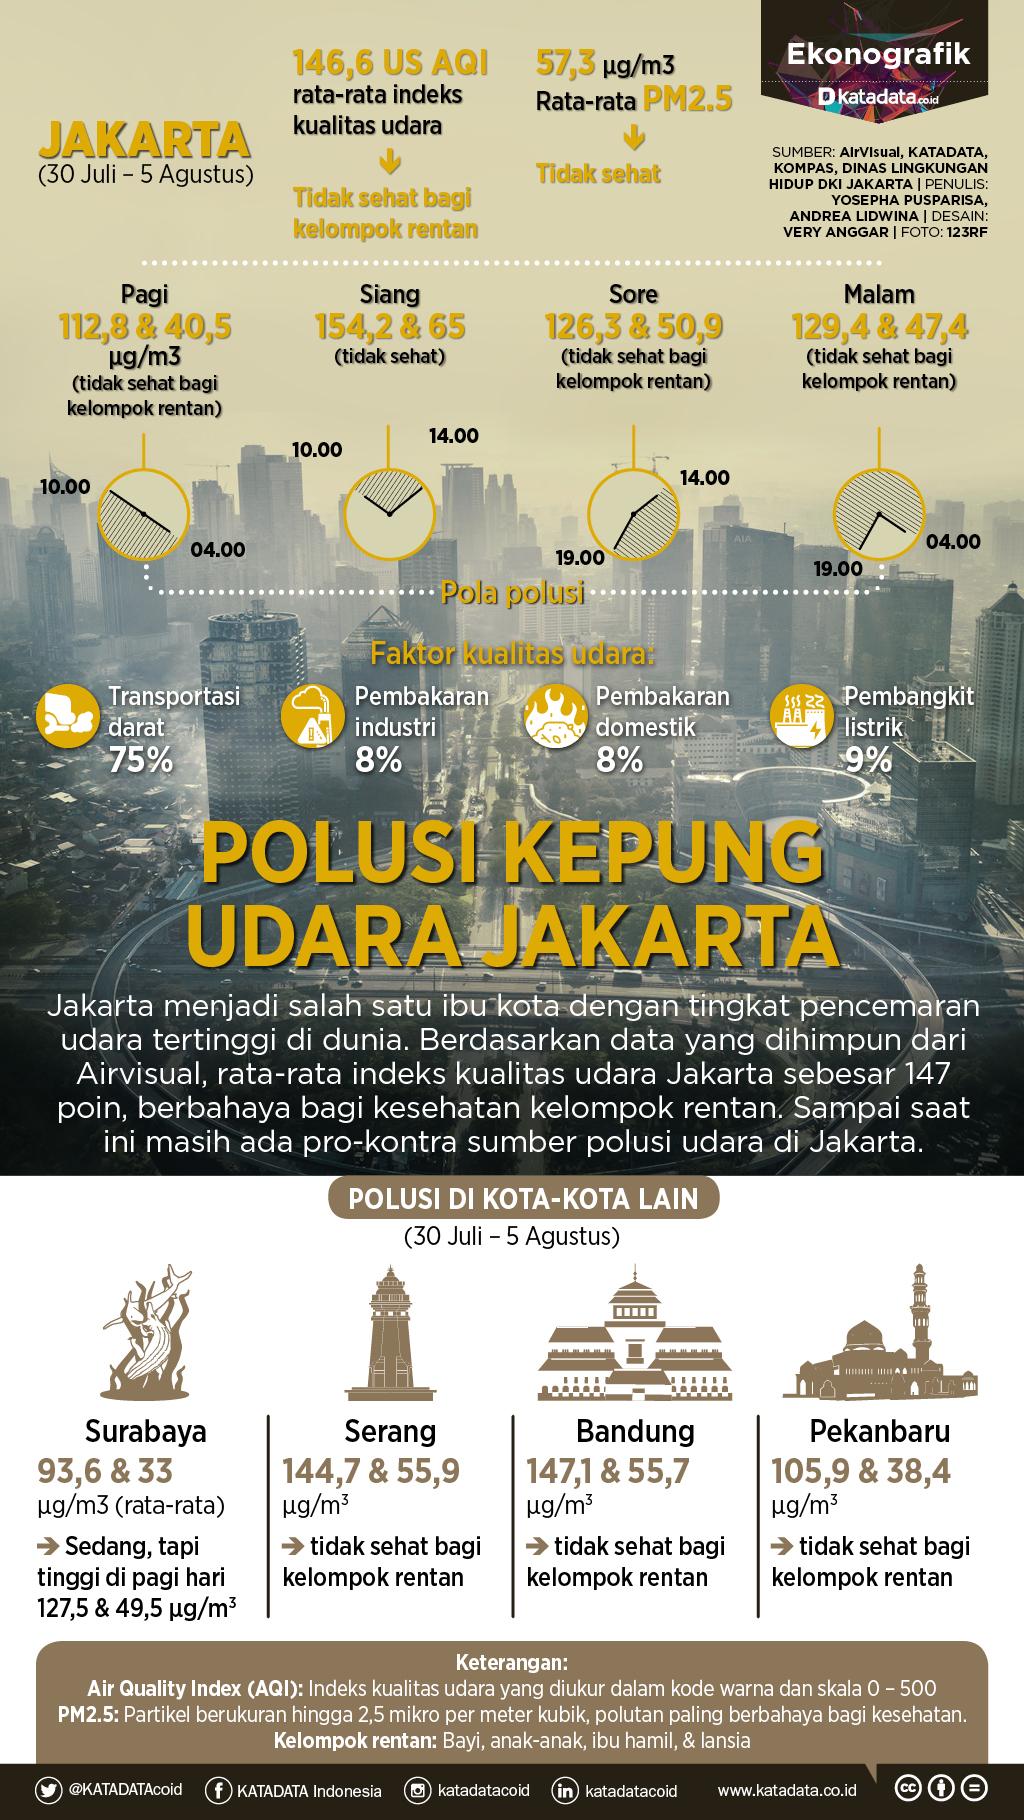 Polusi Kepung Udara Jakarta_rev